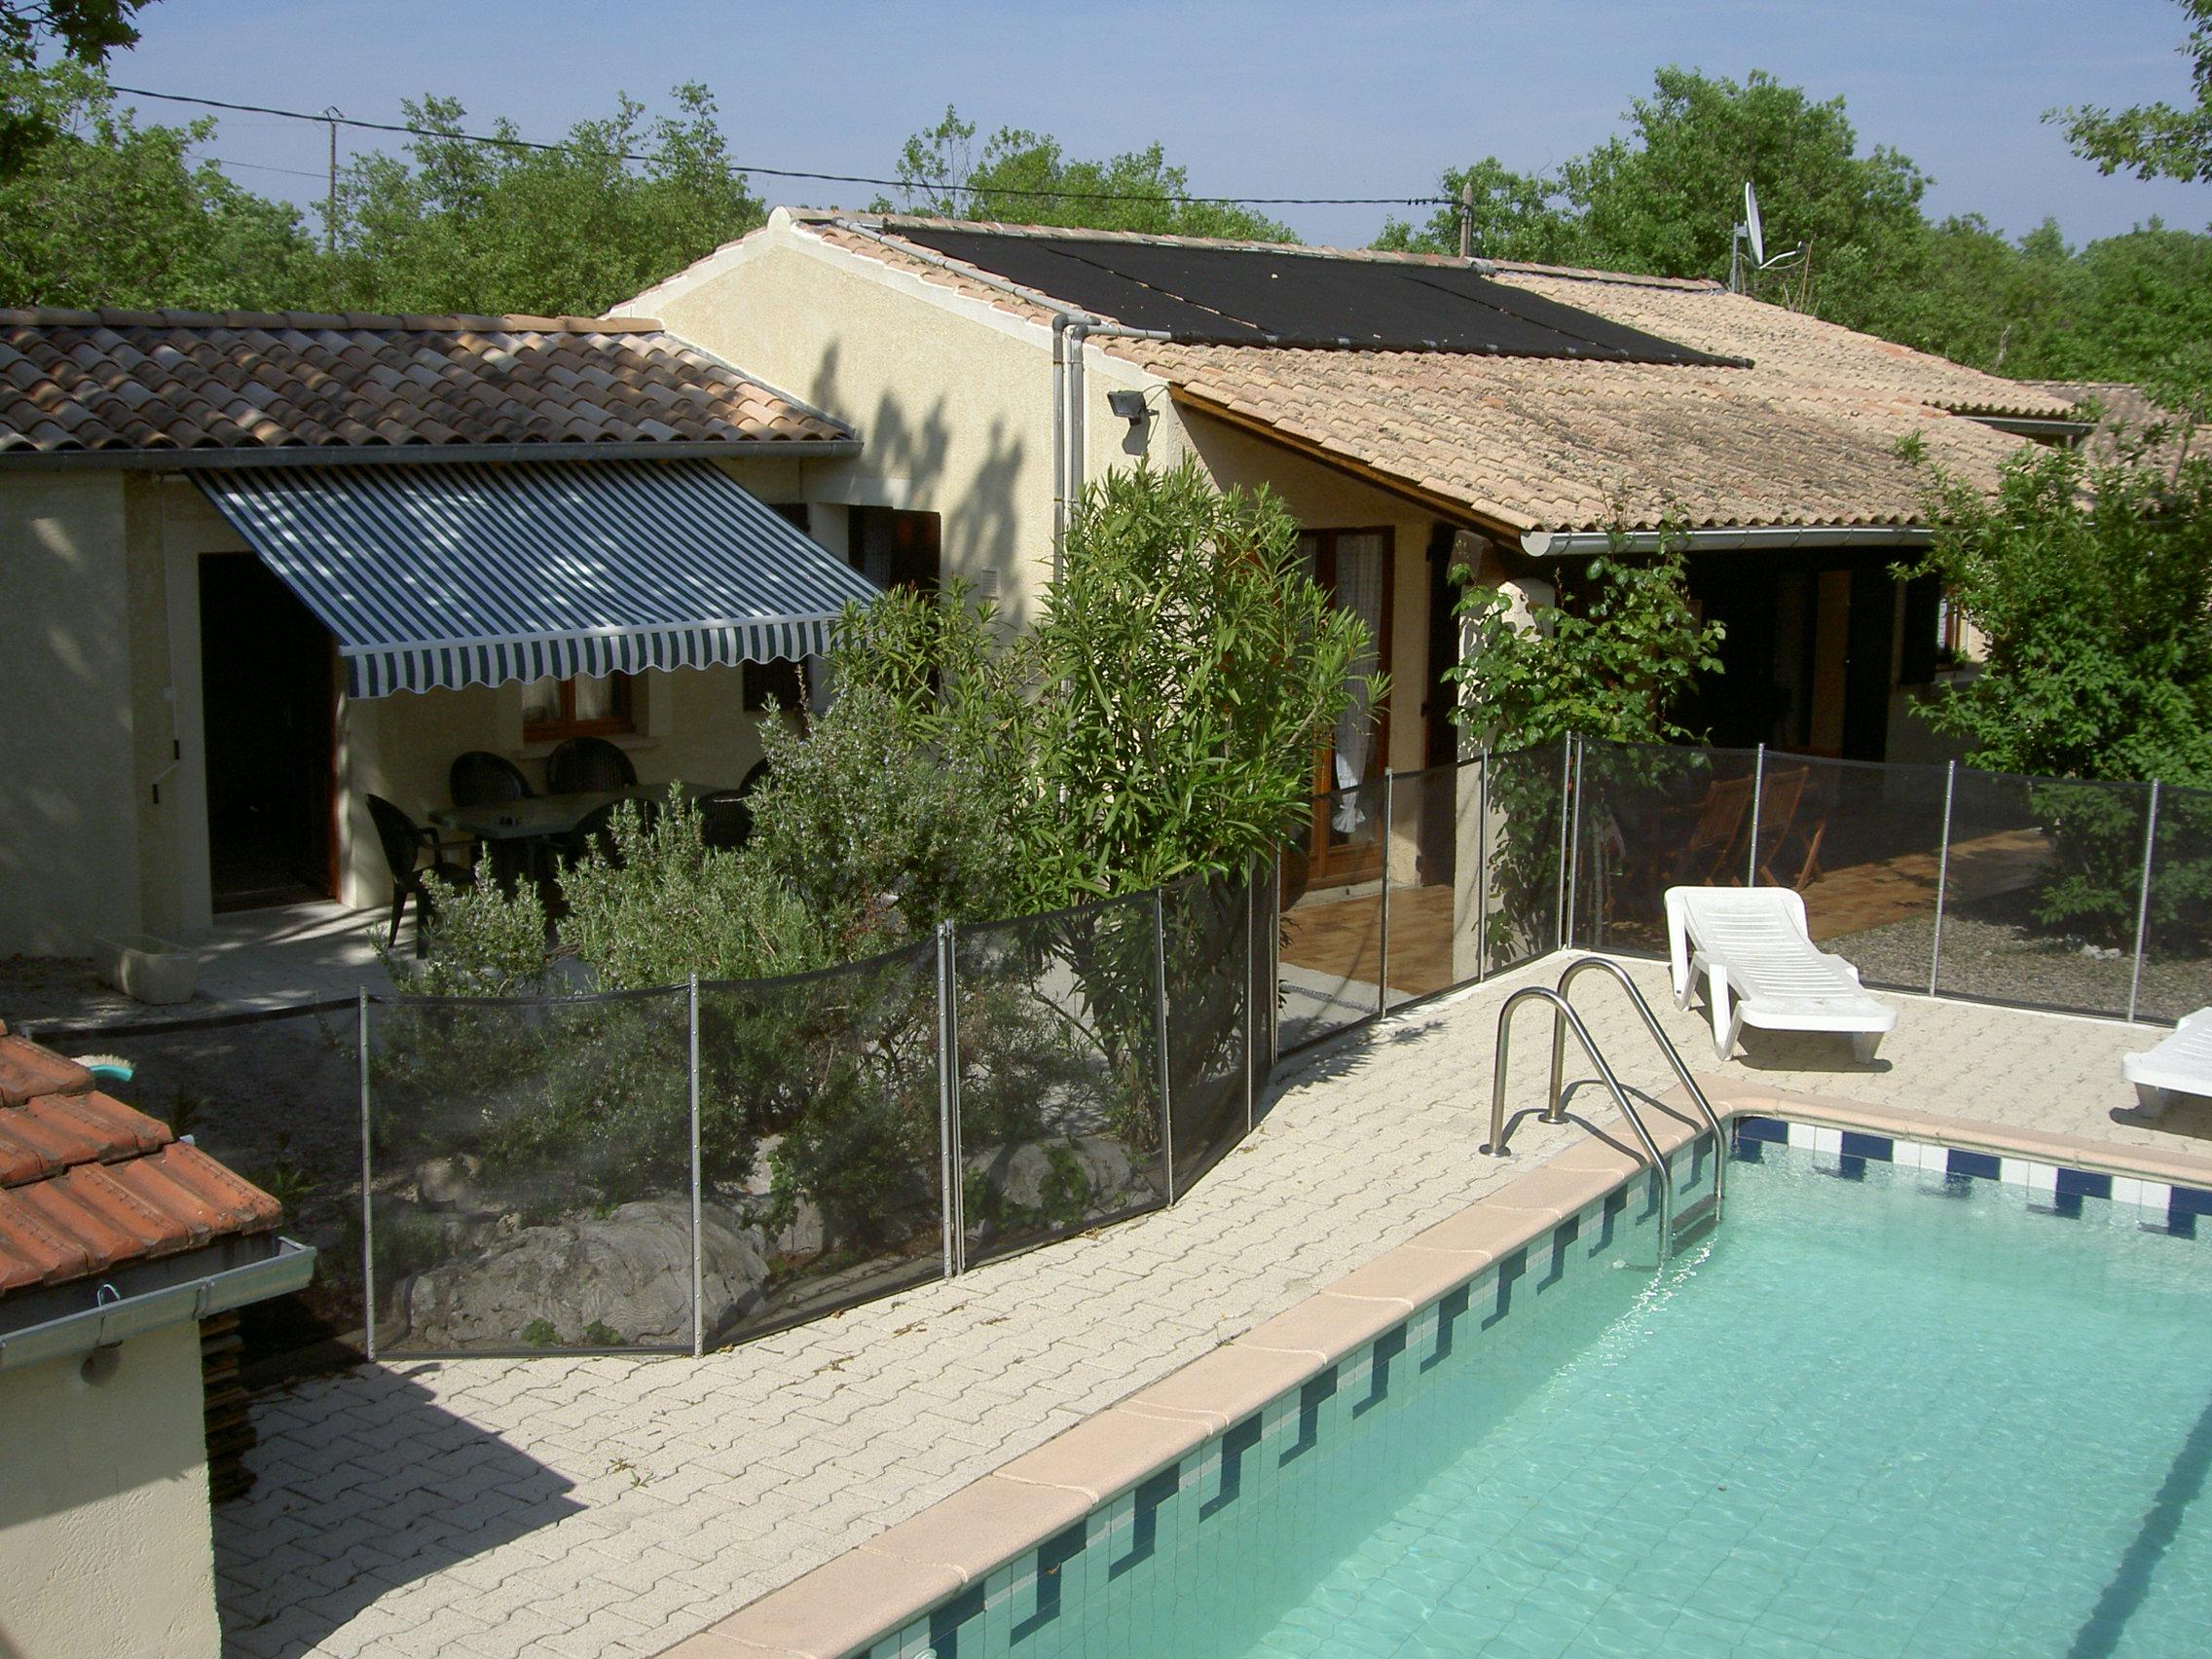 Location De Gîte Avec Piscine -Le Mas Dolder , Ardèche ... tout Location Maison Avec Piscine Ardeche Particulier